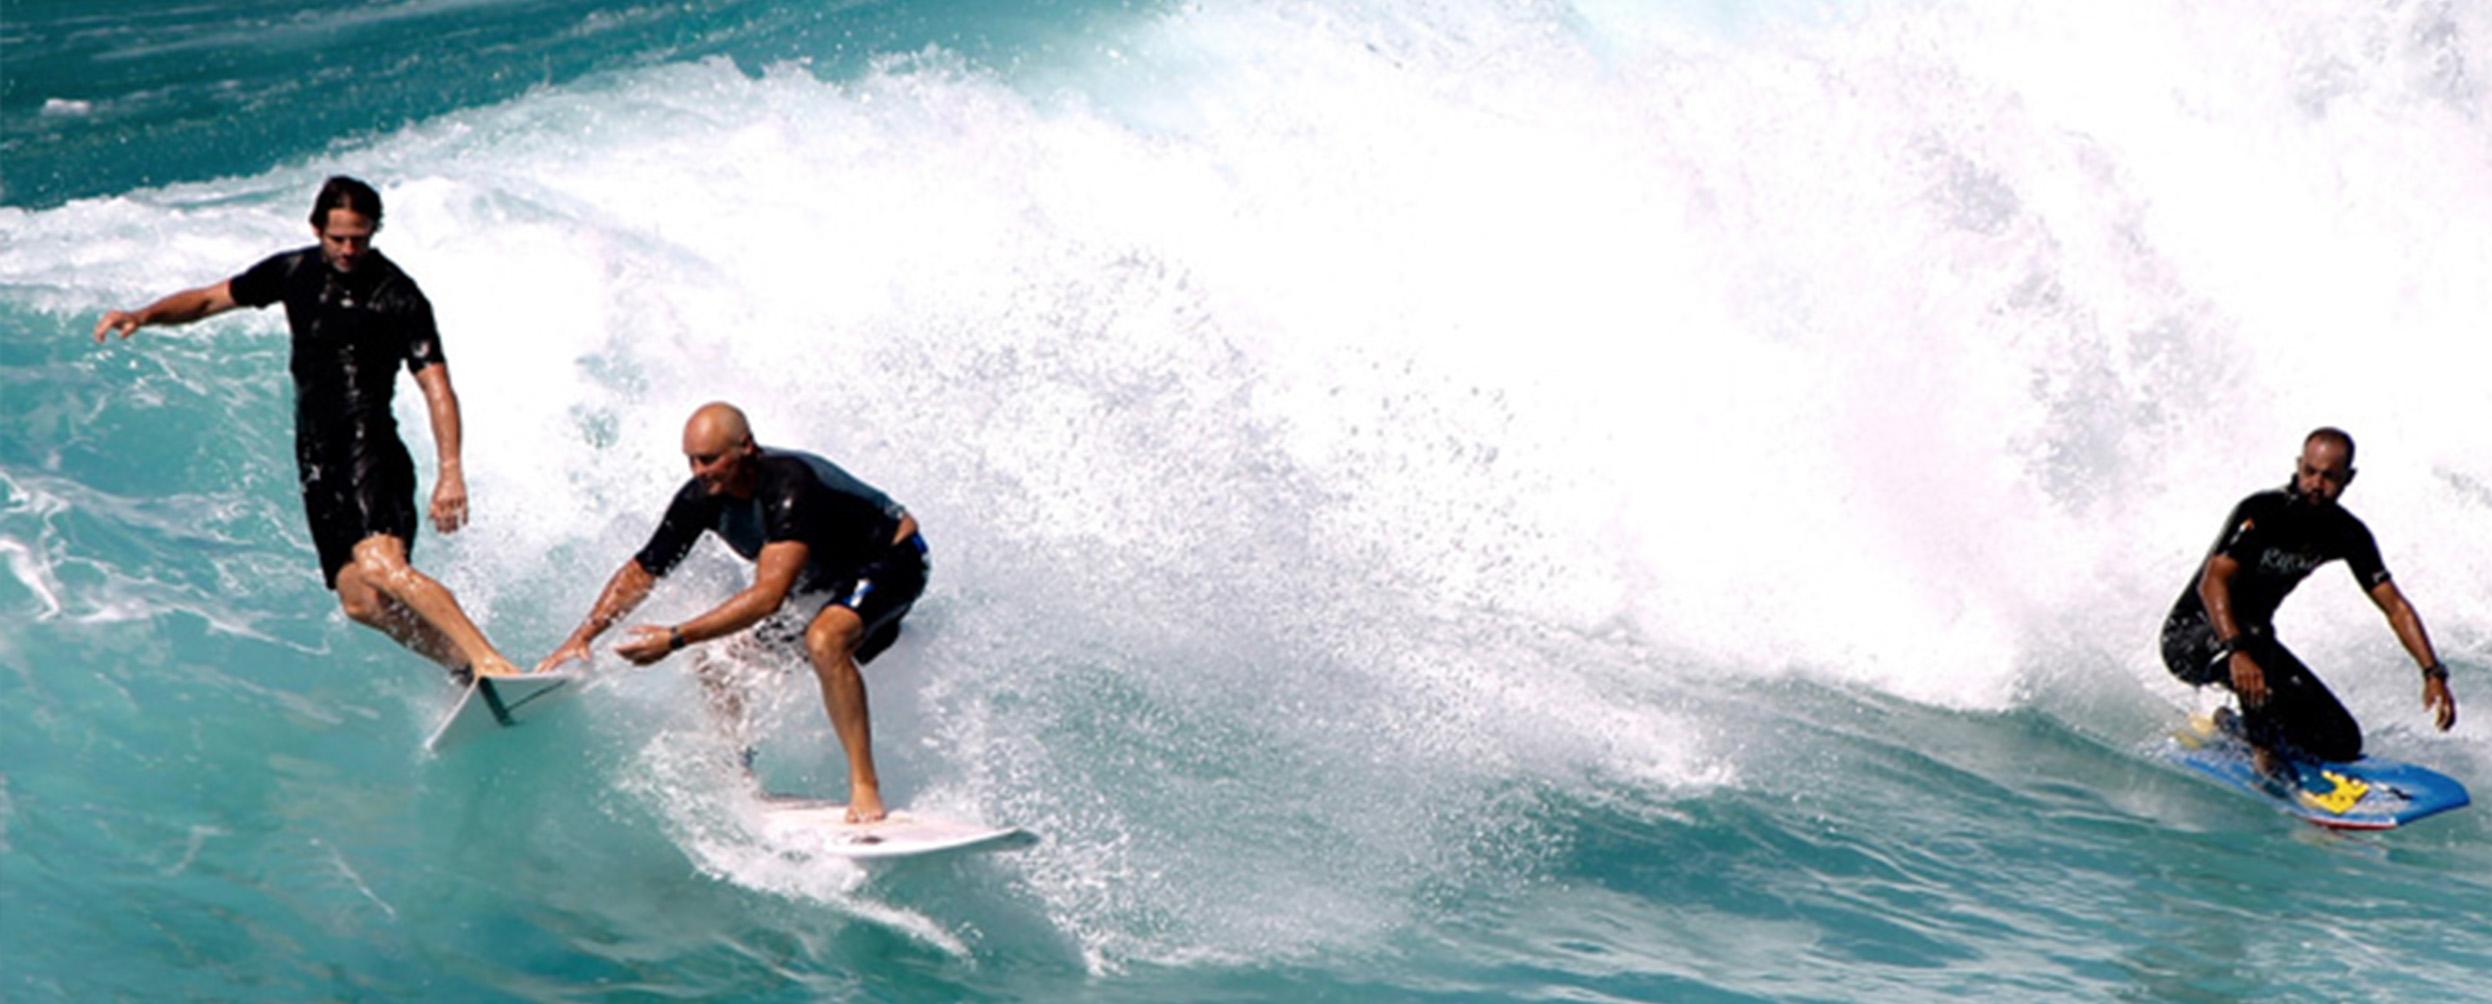 surf normas